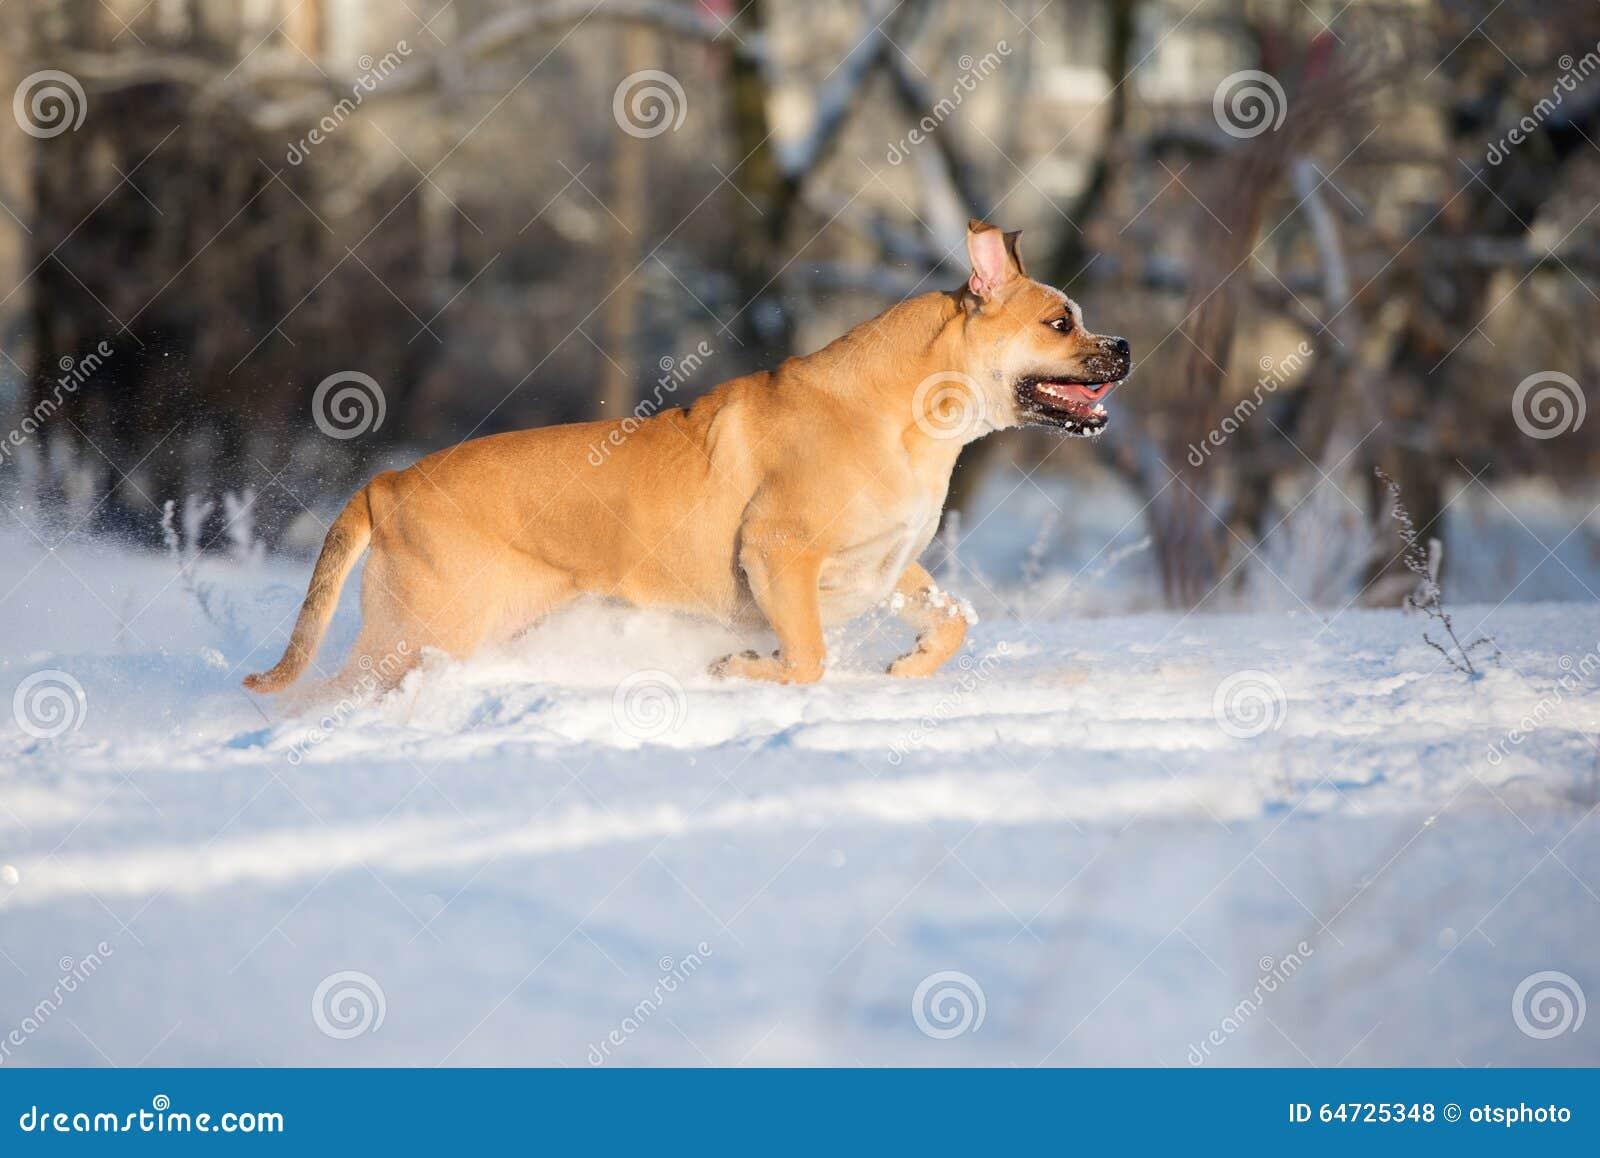 Cane di Ca de bou all aperto nell inverno